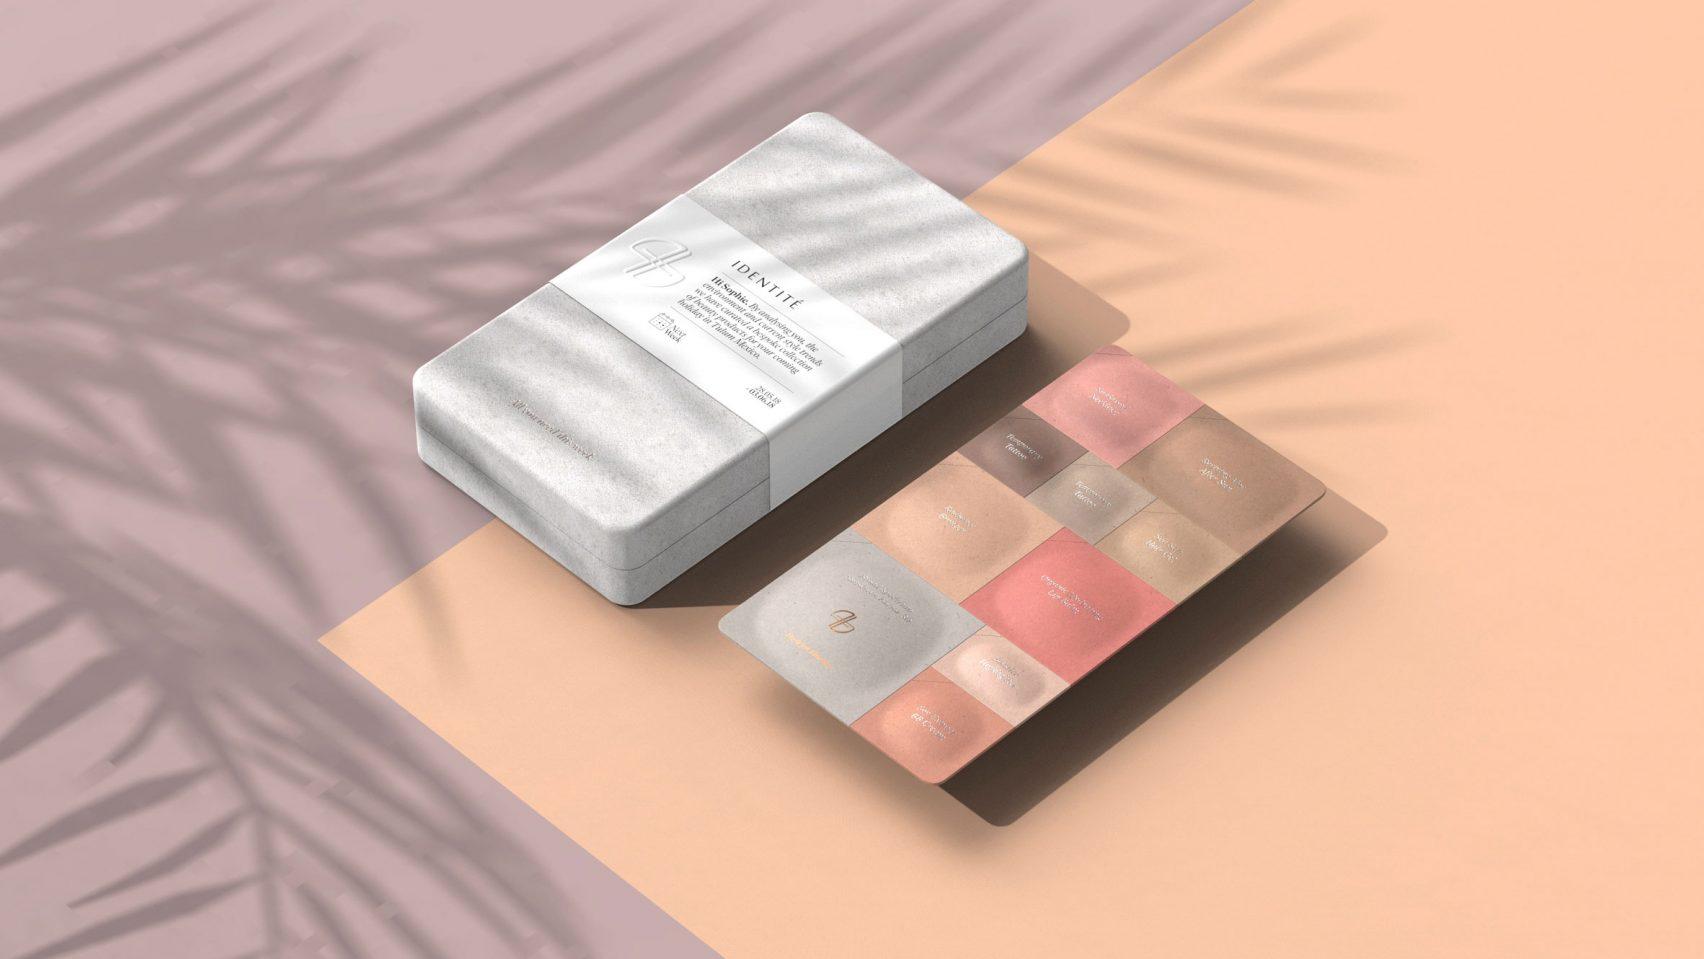 کانسپت Seymour Powell از هوش مصنوعی استفاده می کند تا روند مراقبت پوست شما را تعیین کند